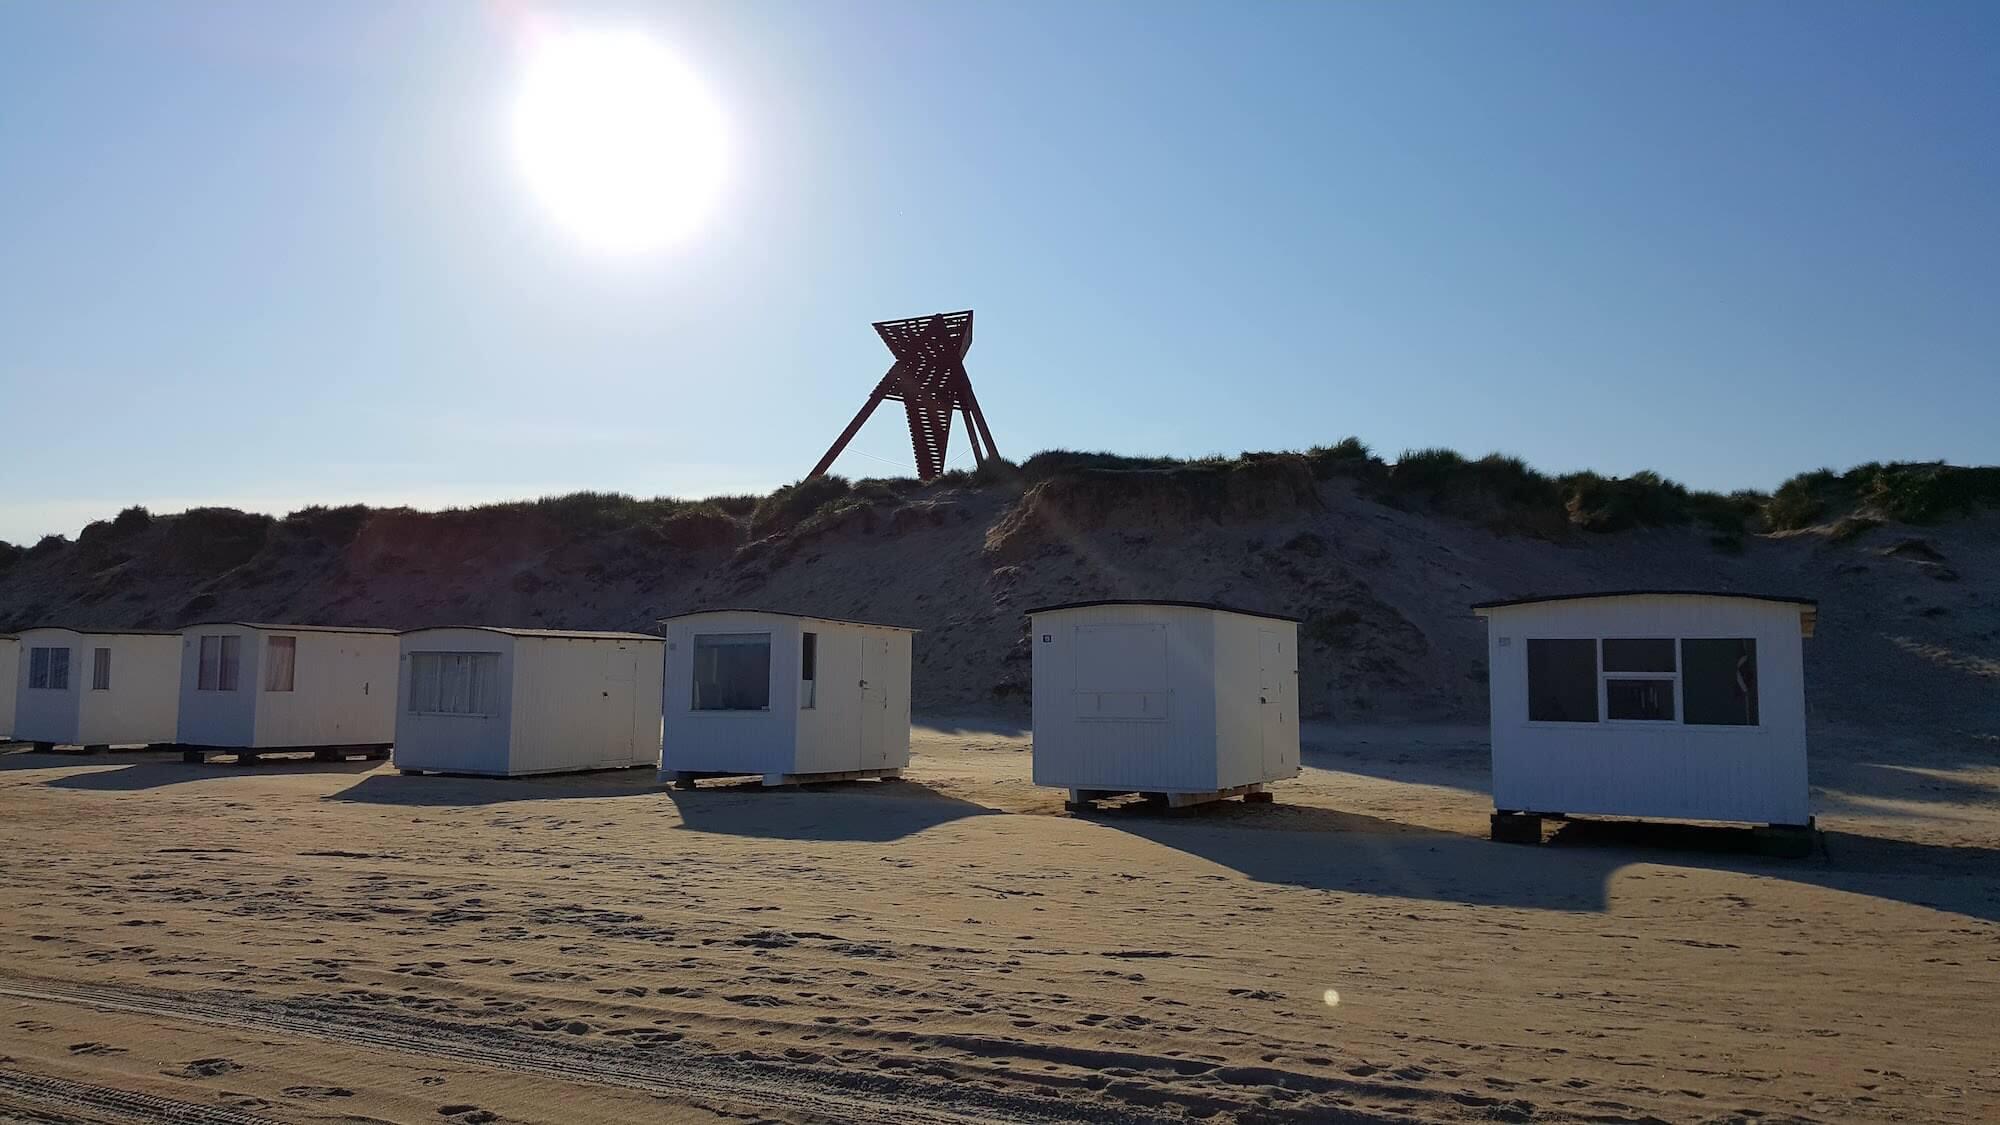 badehuse_blokhus_strand_strandhotellet.jpg